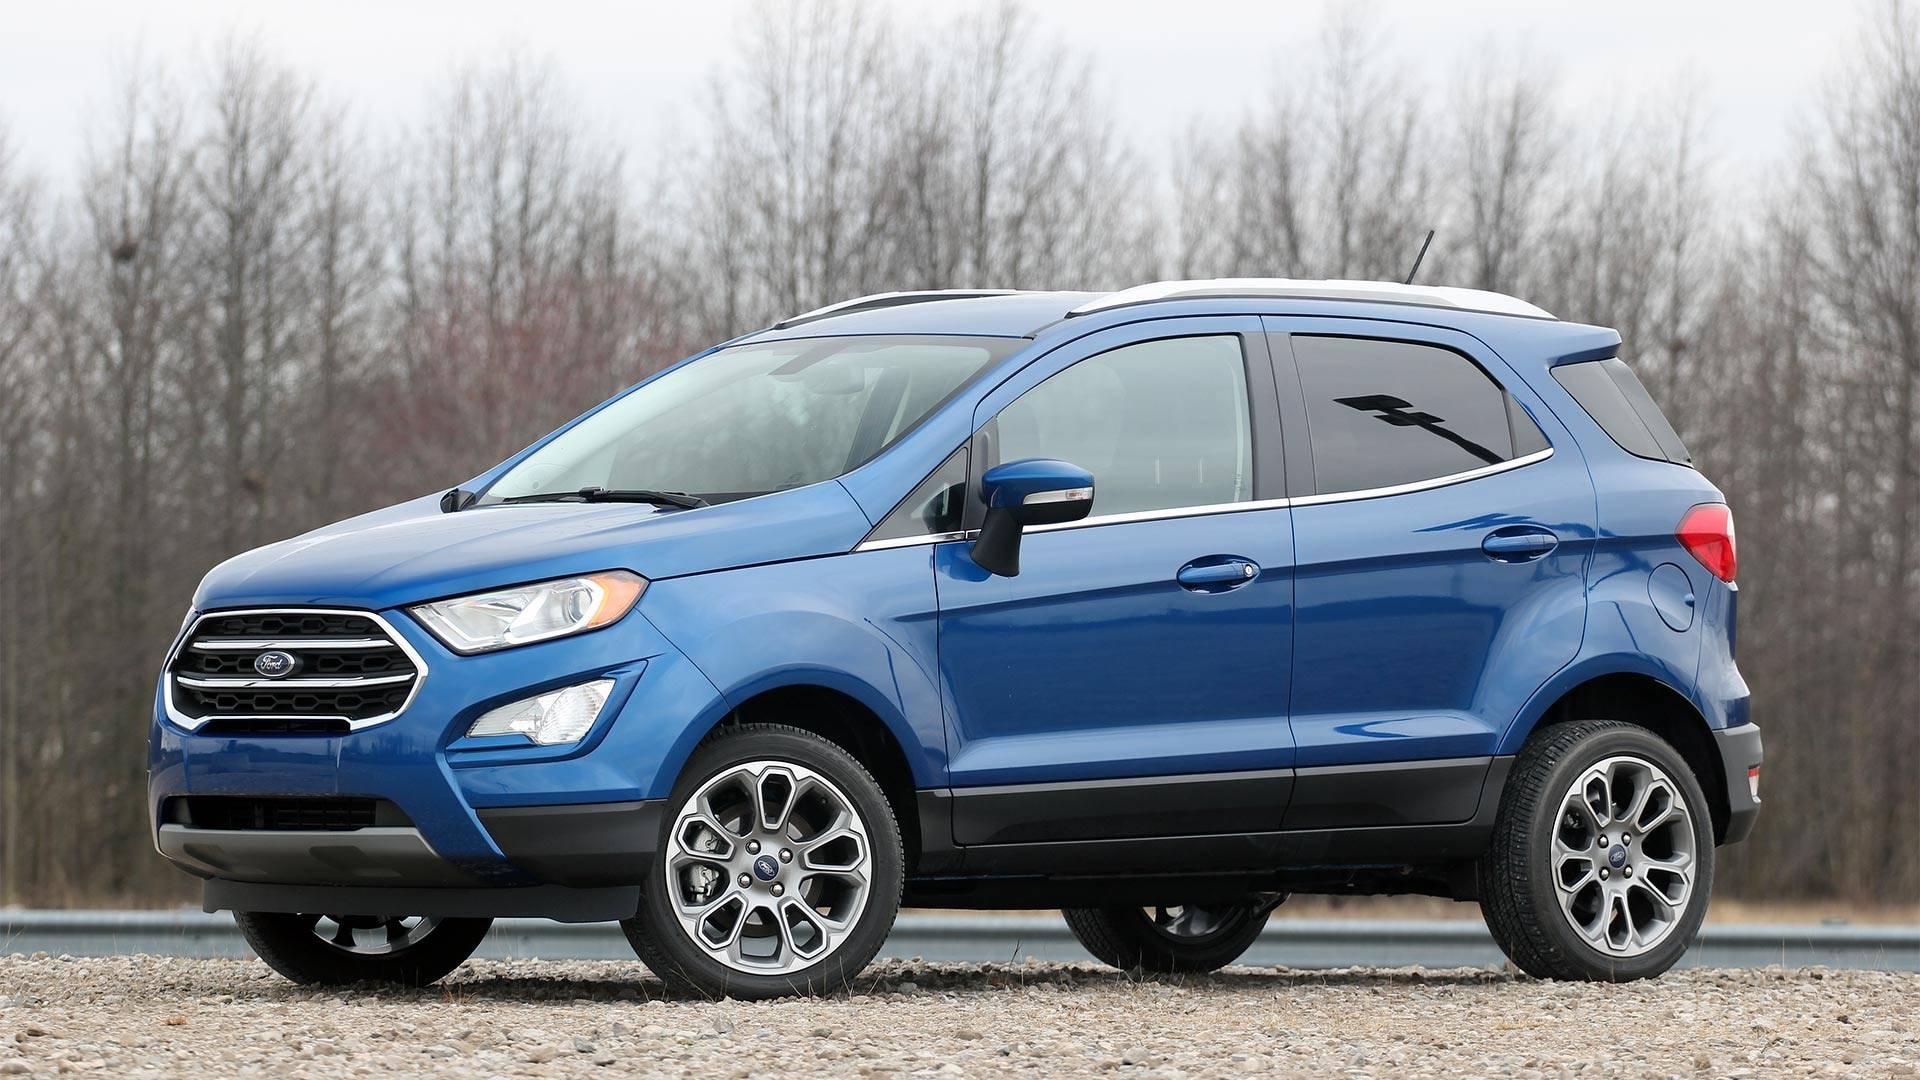 Mẫu EcoSport 2021 tại thị trường Mỹ. Ảnh: Ford